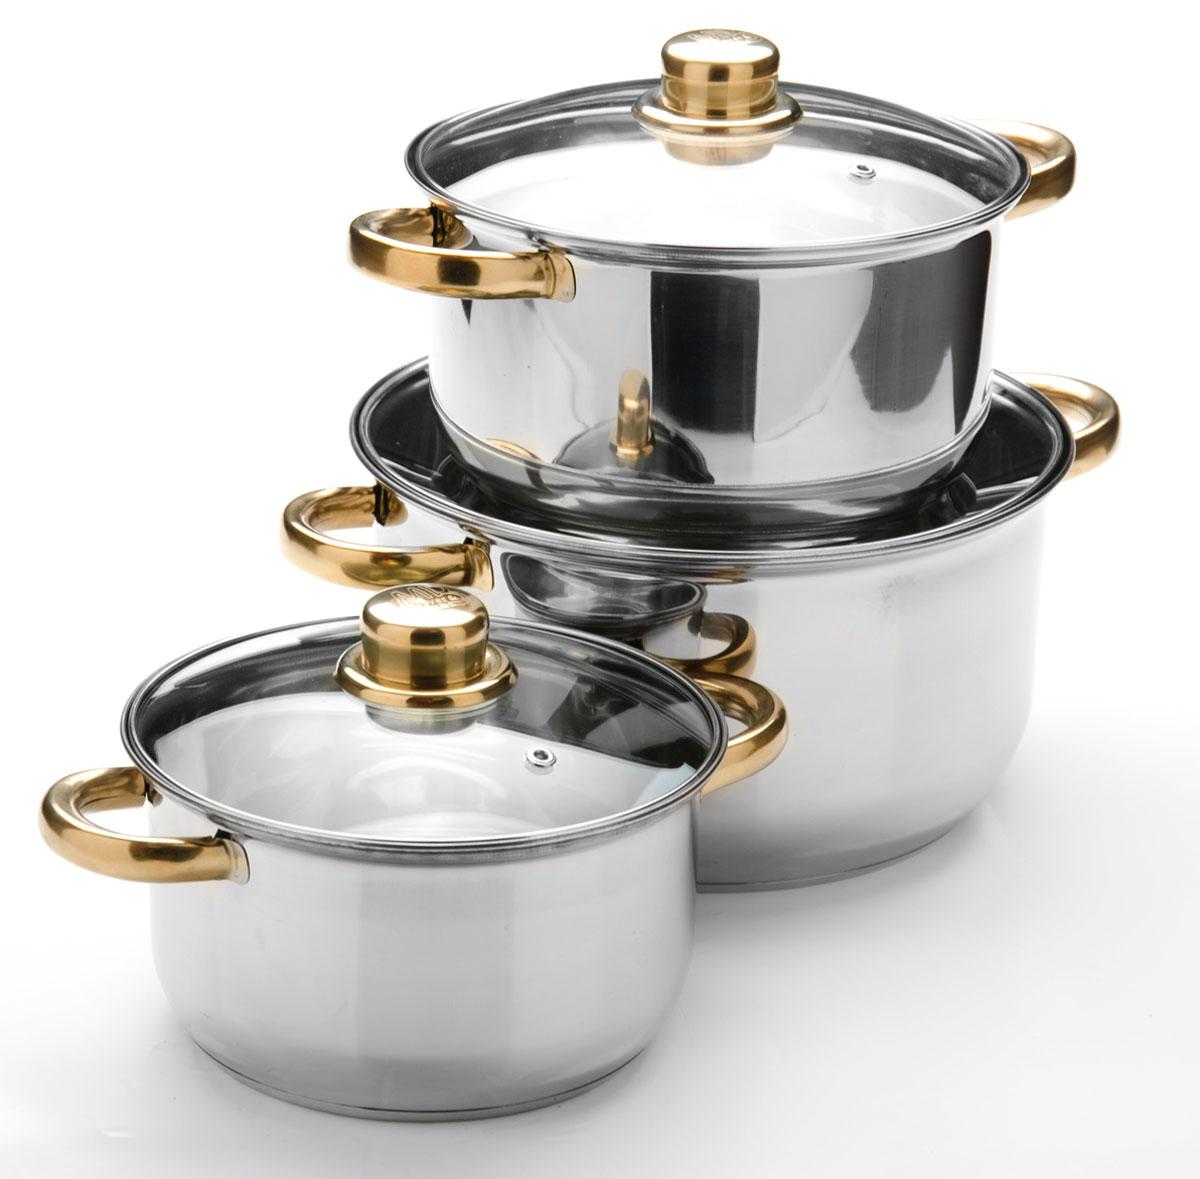 Набор посуды Mayer & Boch, 6 предметов. 2575425754Набор посуды станет отличным дополнением к набору кухонной утвари. С его приобретением приготовление ваших любимых блюд перейдет на качественно новый уровень и вы сможете воплотить в жизнь любые кулинарные идеи. В комплект входят 6 предметов: 3 кастрюли (объем 2/ 2,9/ 4,9), 3 крышки. Набор многофункционален и удобен в использовании, подойдет для варки супов, приготовления блюд из мяса и рыбы, гарниров, соусов т. д.